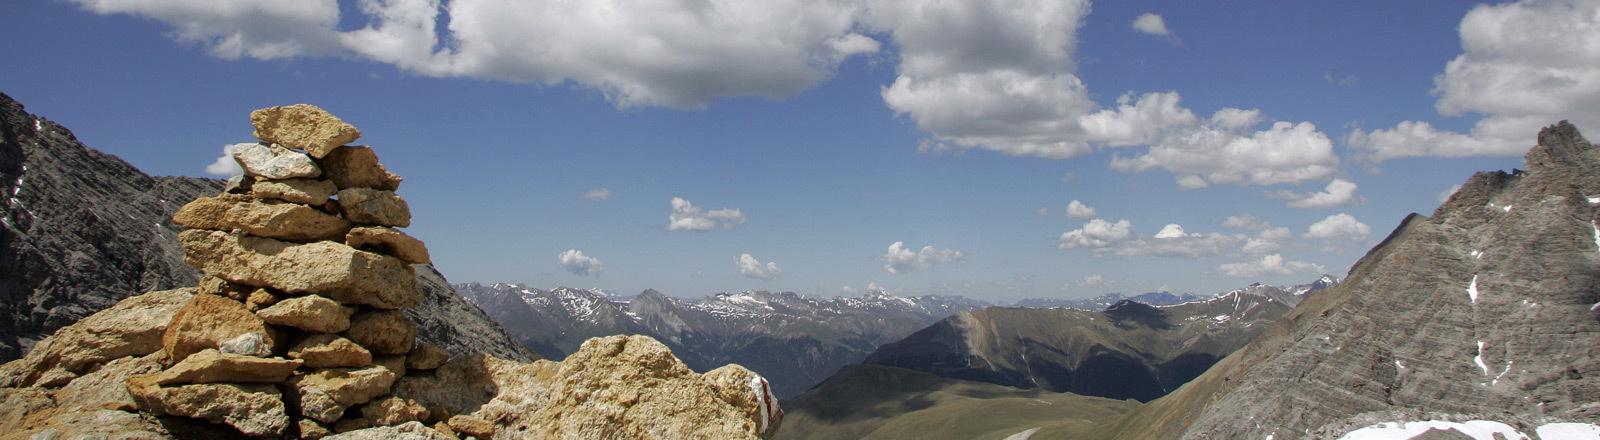 Gipfelpanorama in der Schweiz